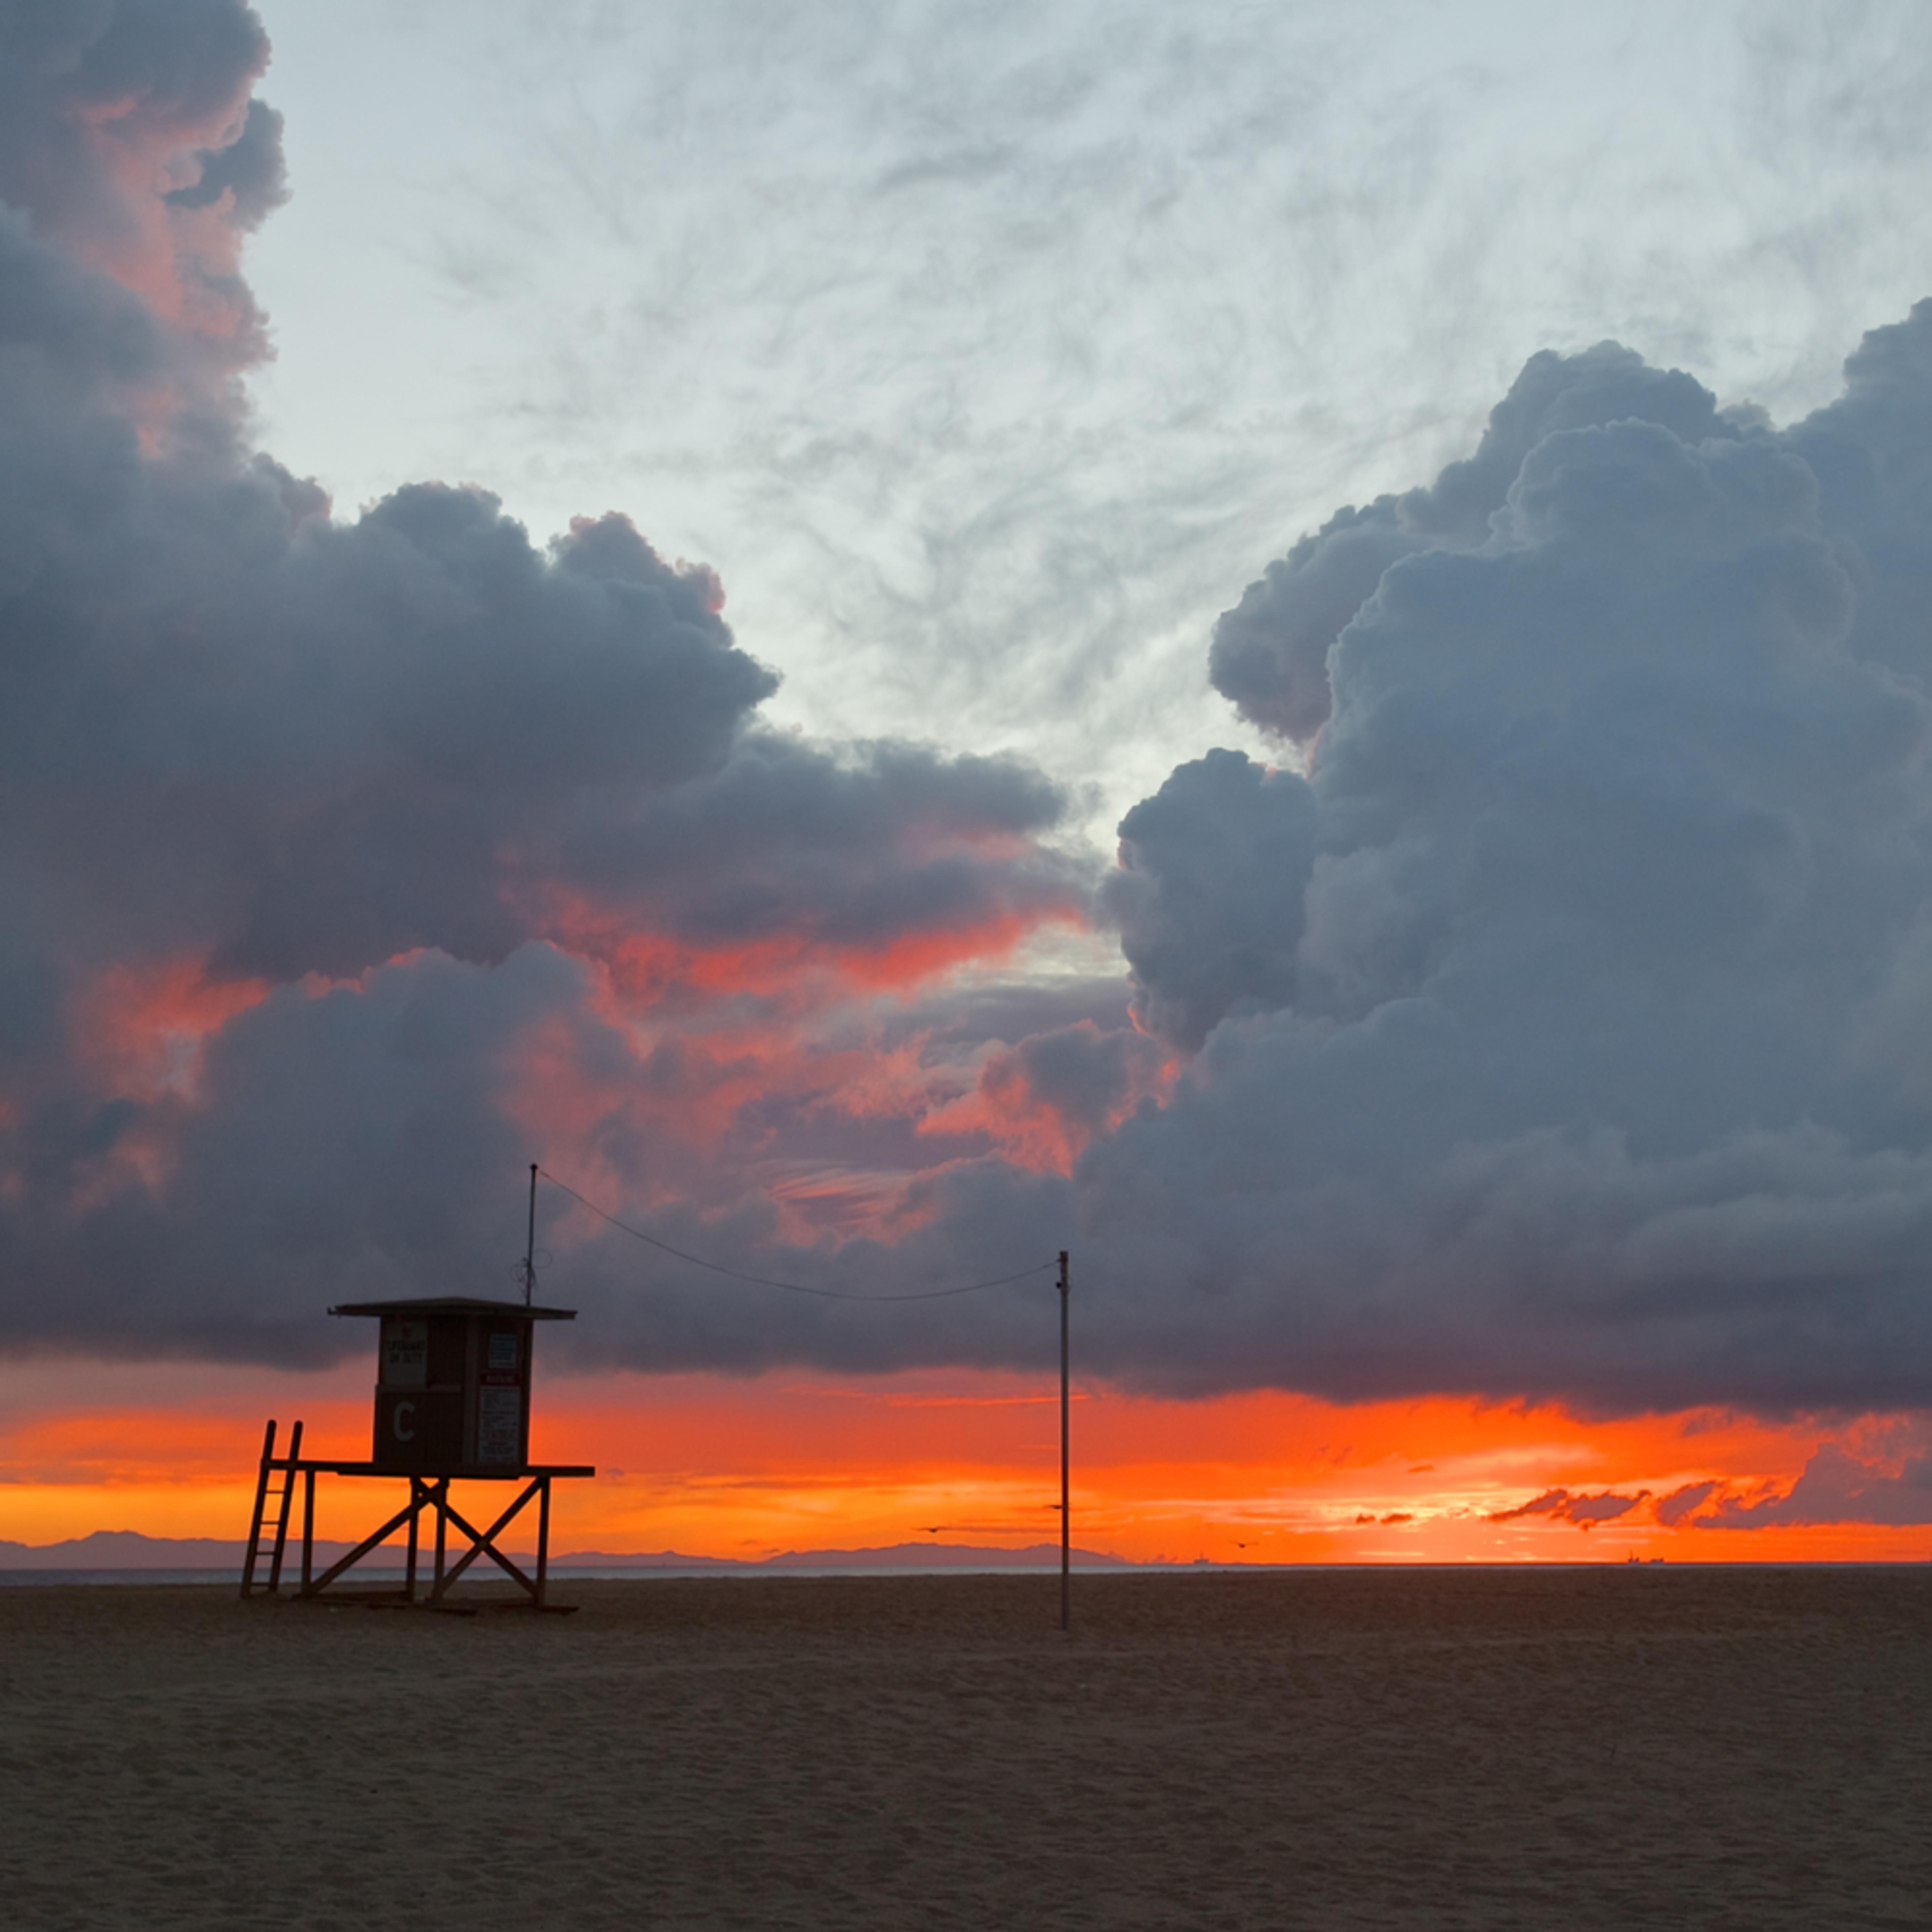 Newport beach lifeguard stand stormy sunset ca tvghgw